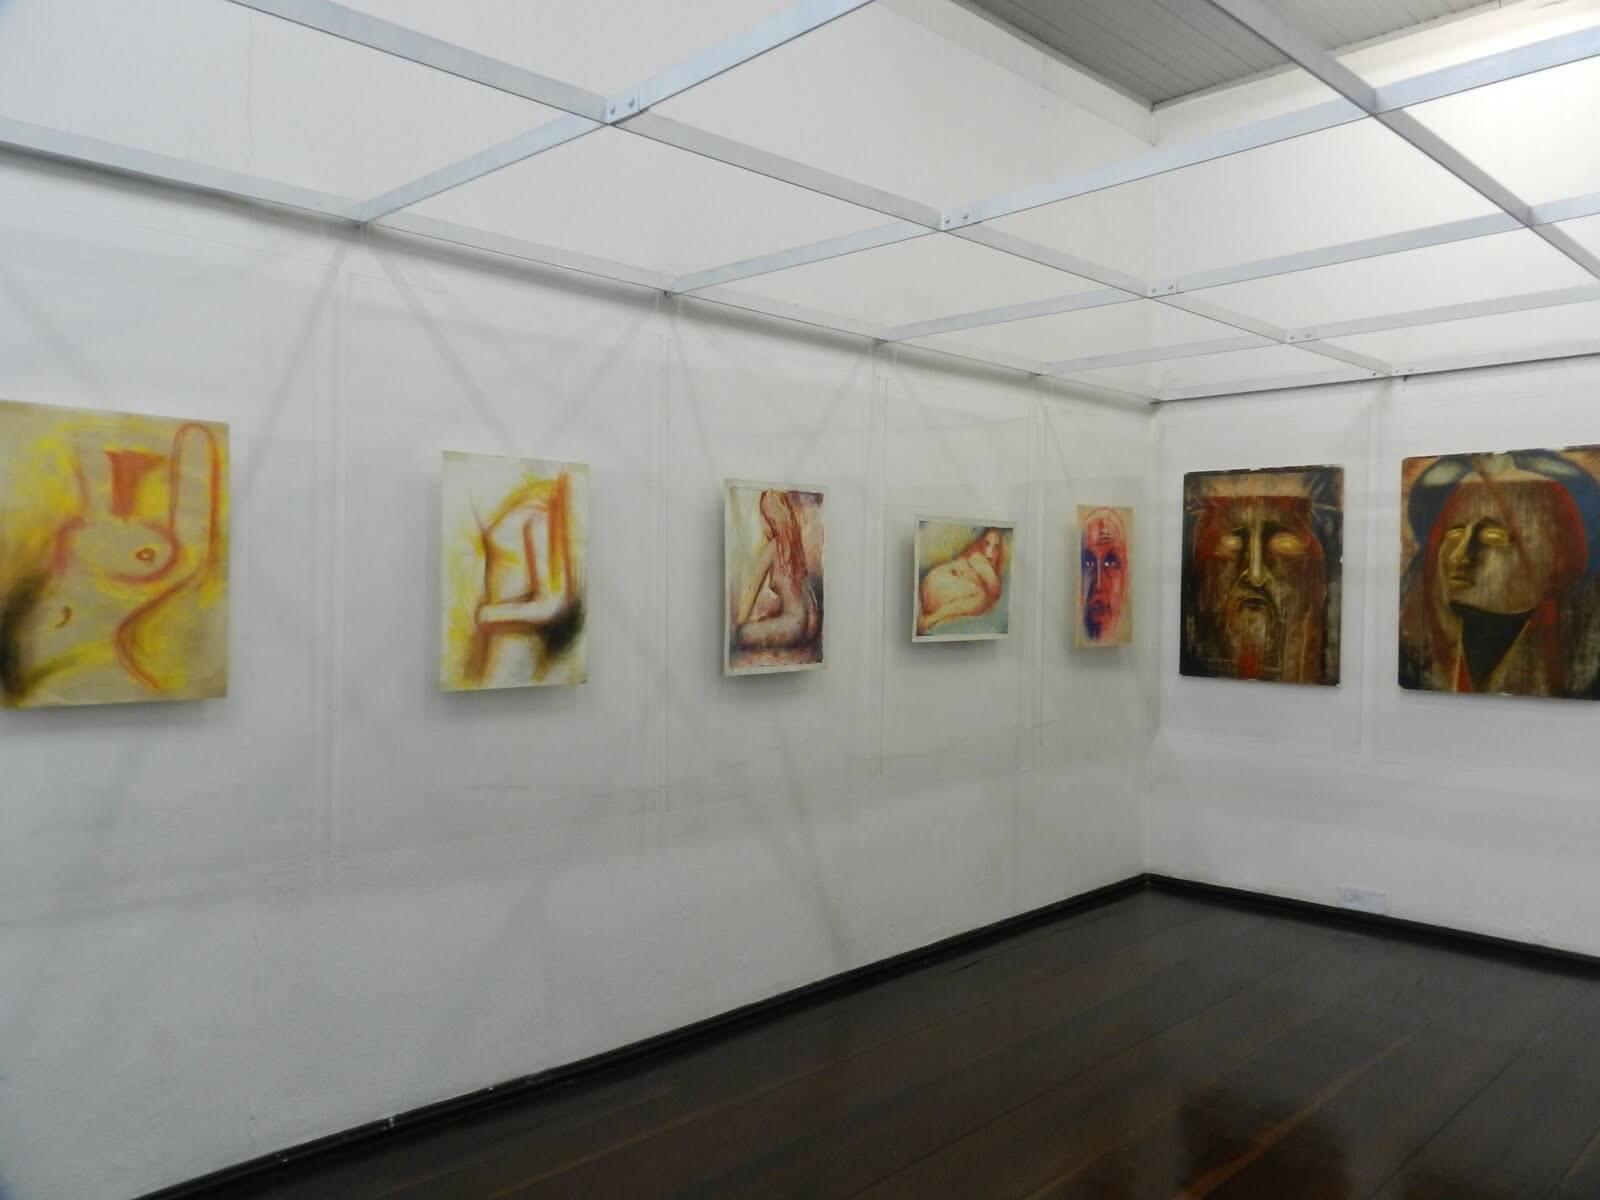 Museu de arte de Blumenau espaço interno